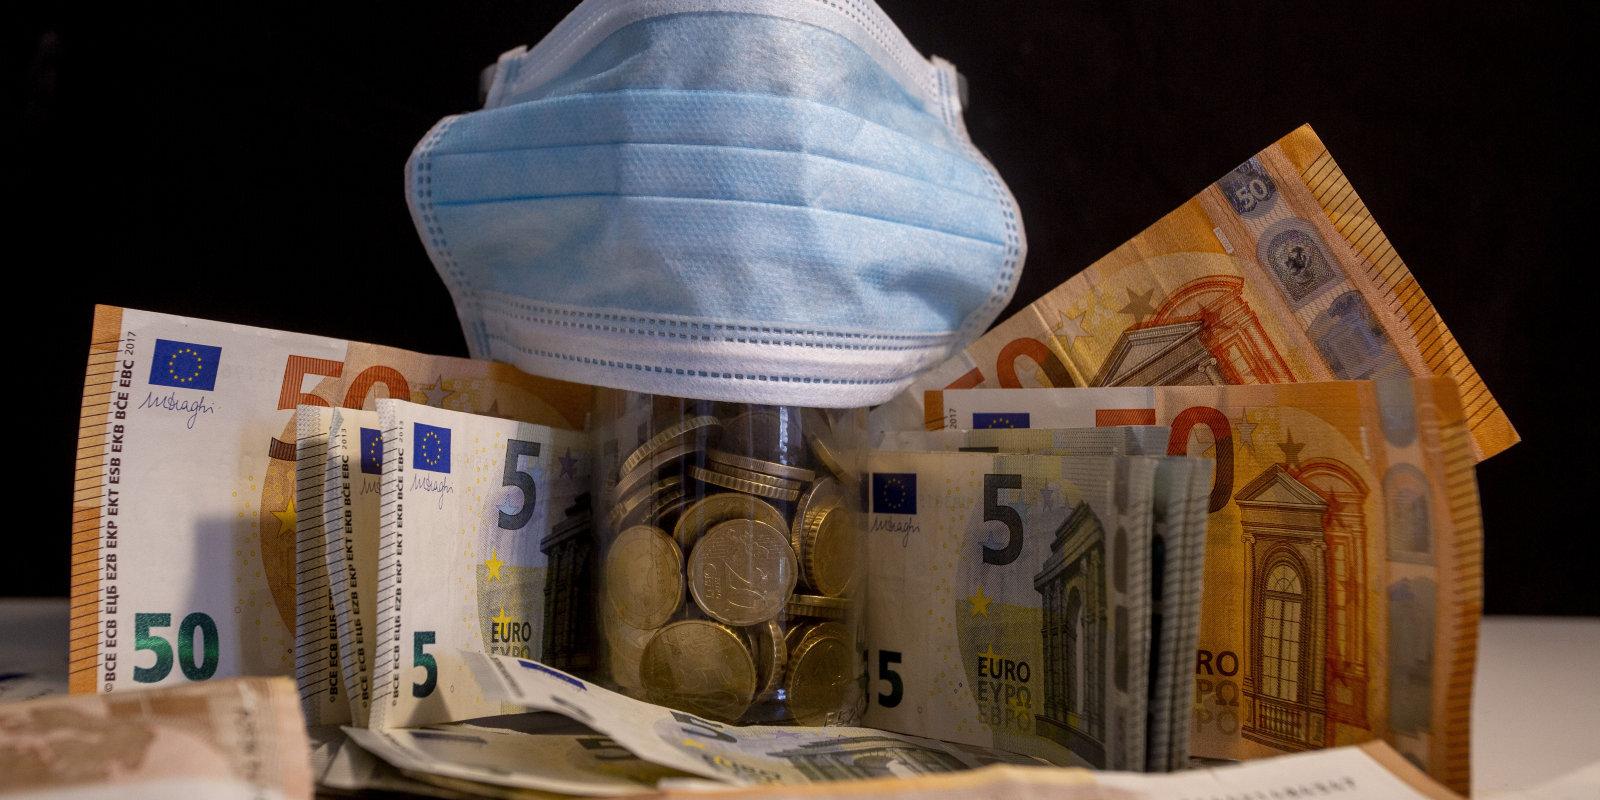 Пенсионные накопления латвийцев рухнули. Управляющие фондами объясняют, что это значит и что теперь делать